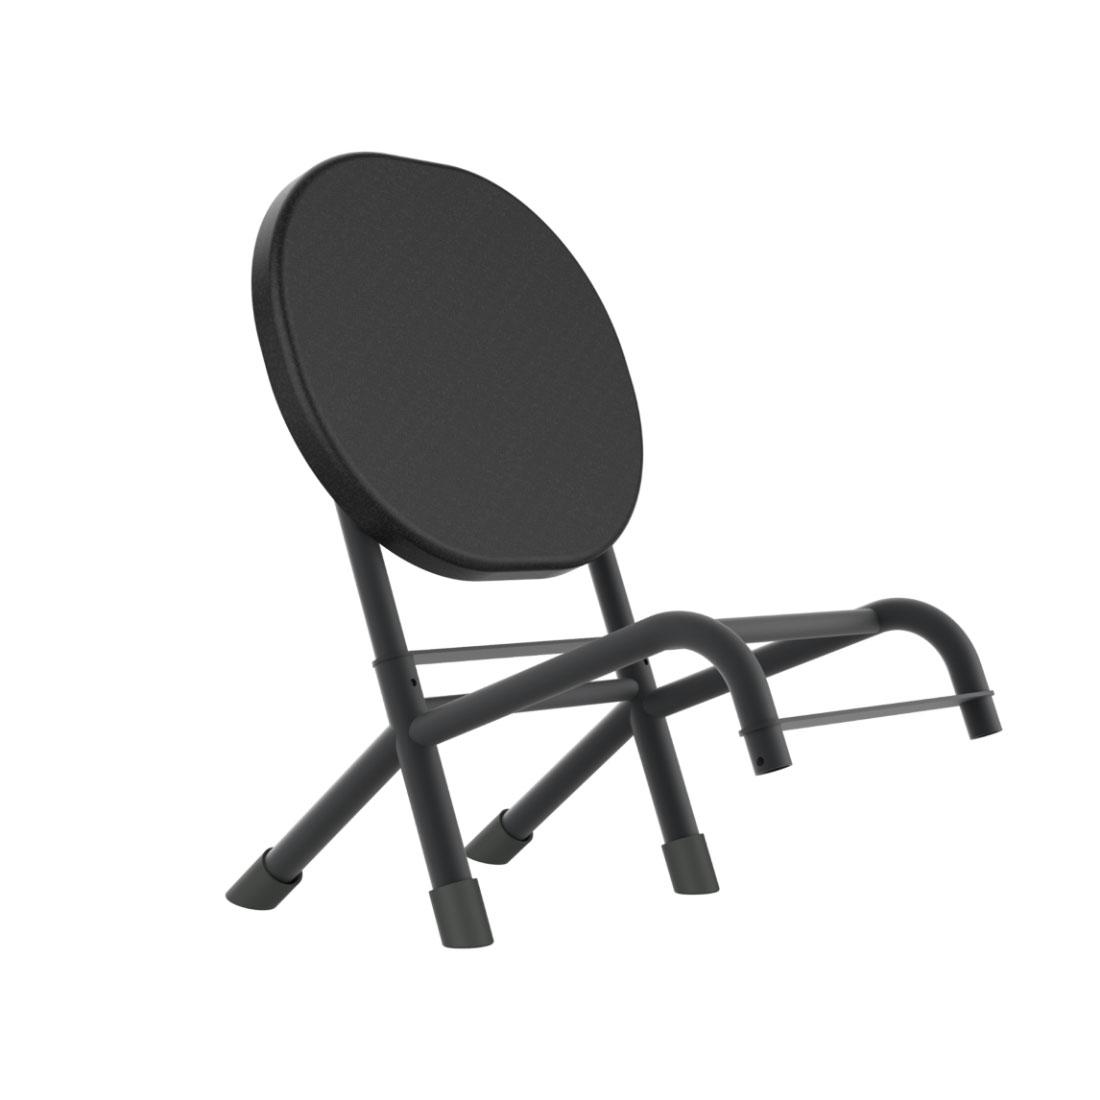 An image of FITT Gym Squat Platform